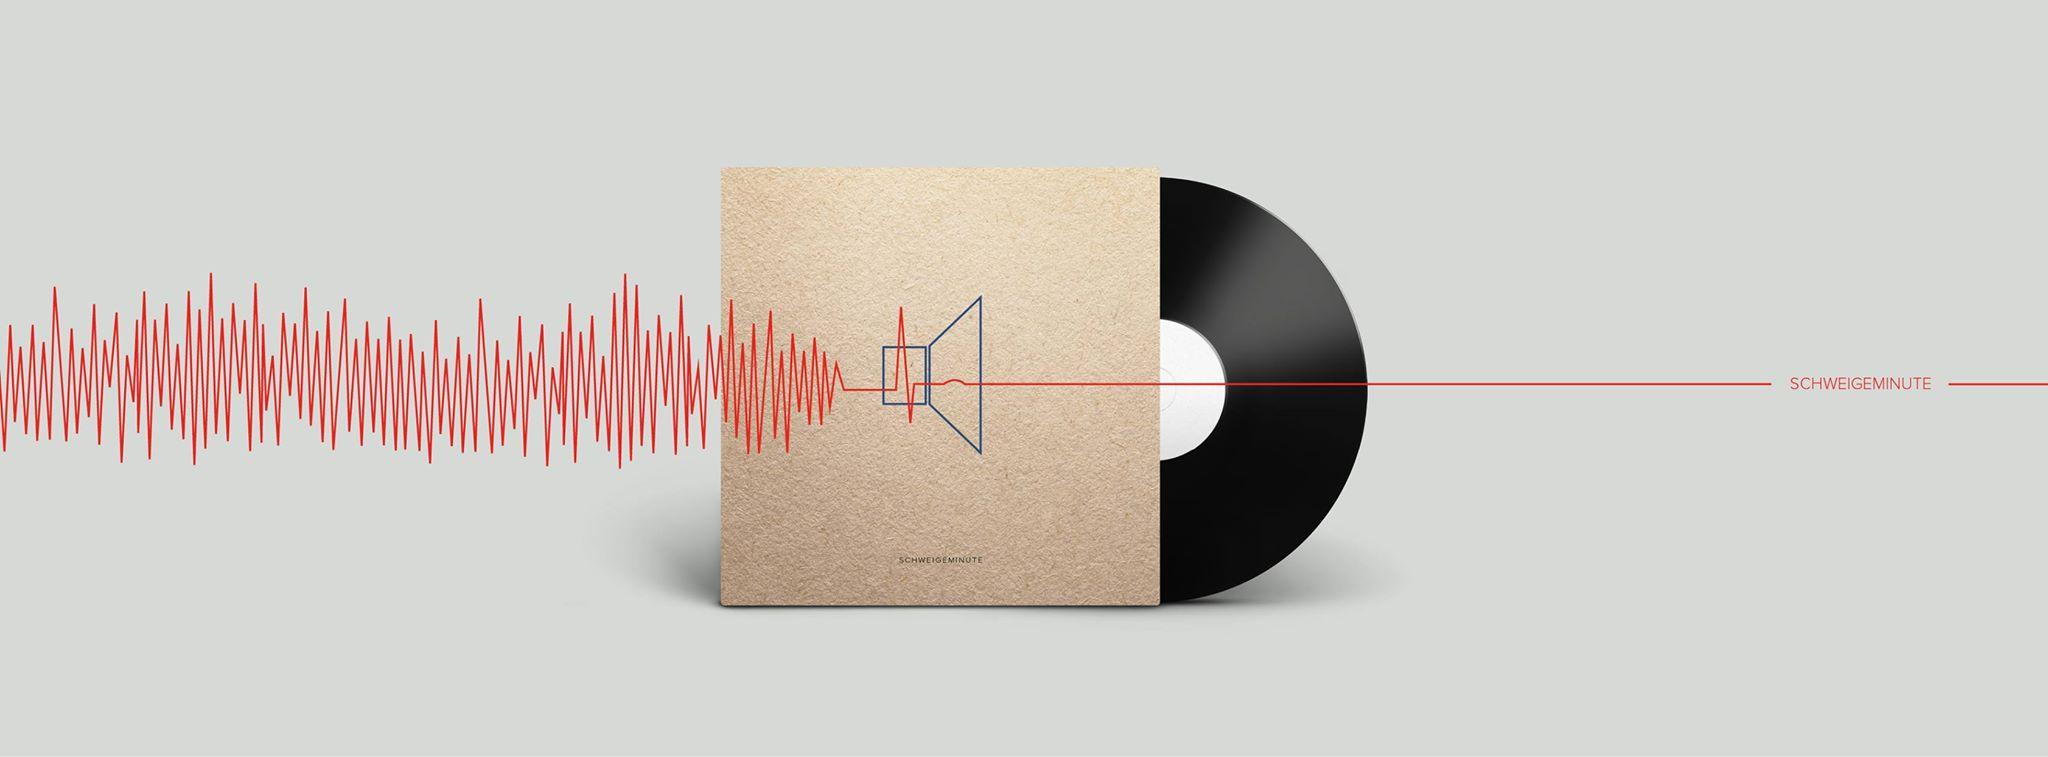 Eine Schweigeminute stürmt die iTunes-Charts.